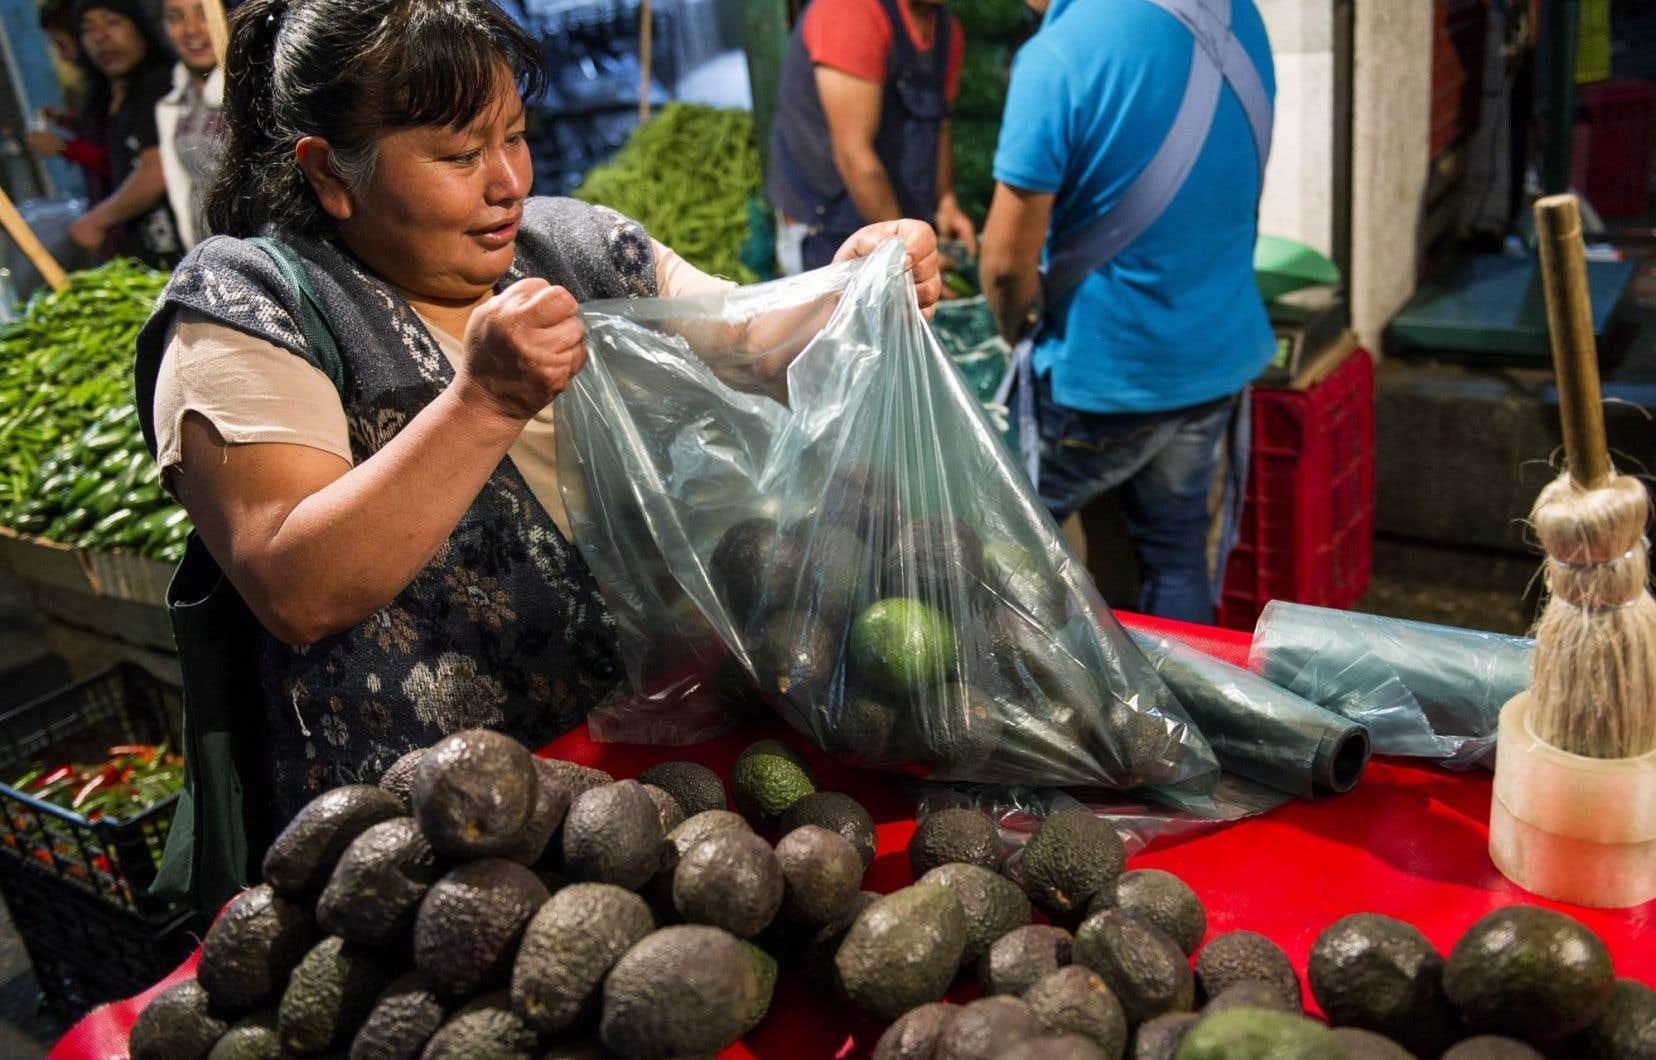 À Mexico, une femme prépare un sac d'avocats. La culture de ce fruit a explosé ces dernières années, provoquant des problèmes environnementaux et sociaux dans l'État du Michoacan où la terre lui est favorable.